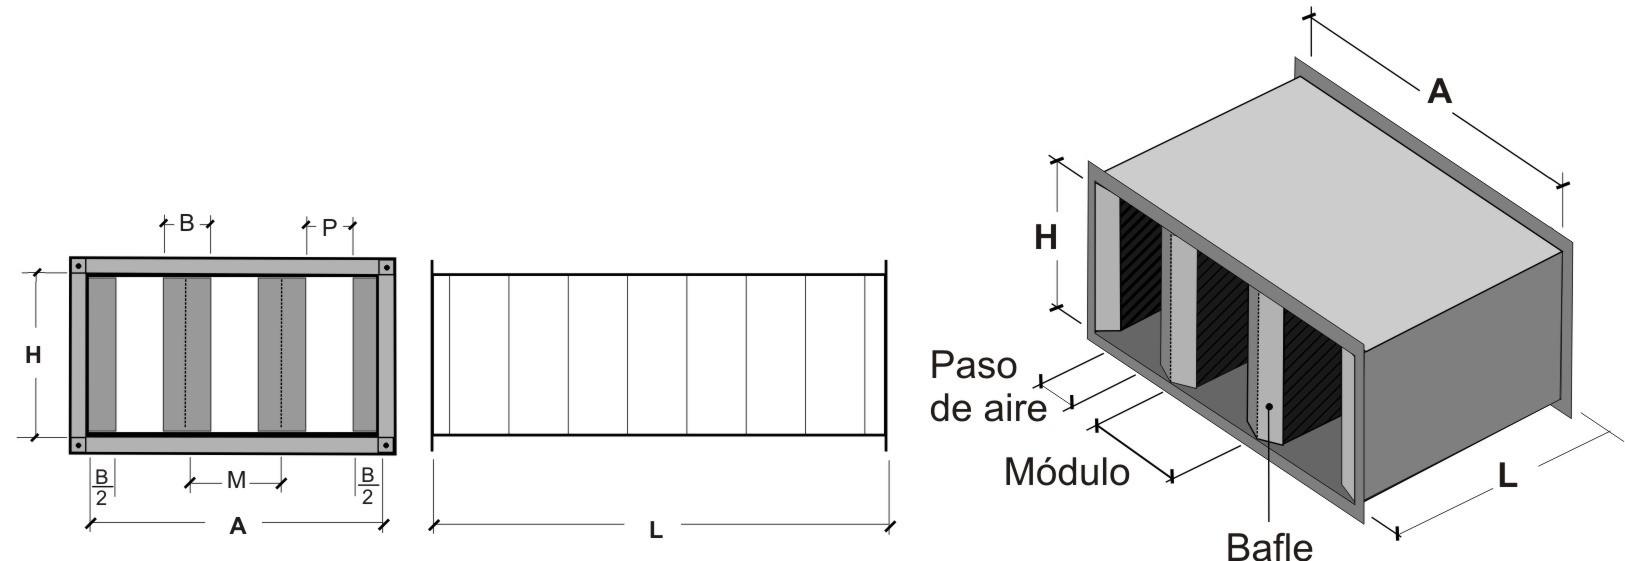 Silenciador rectangular